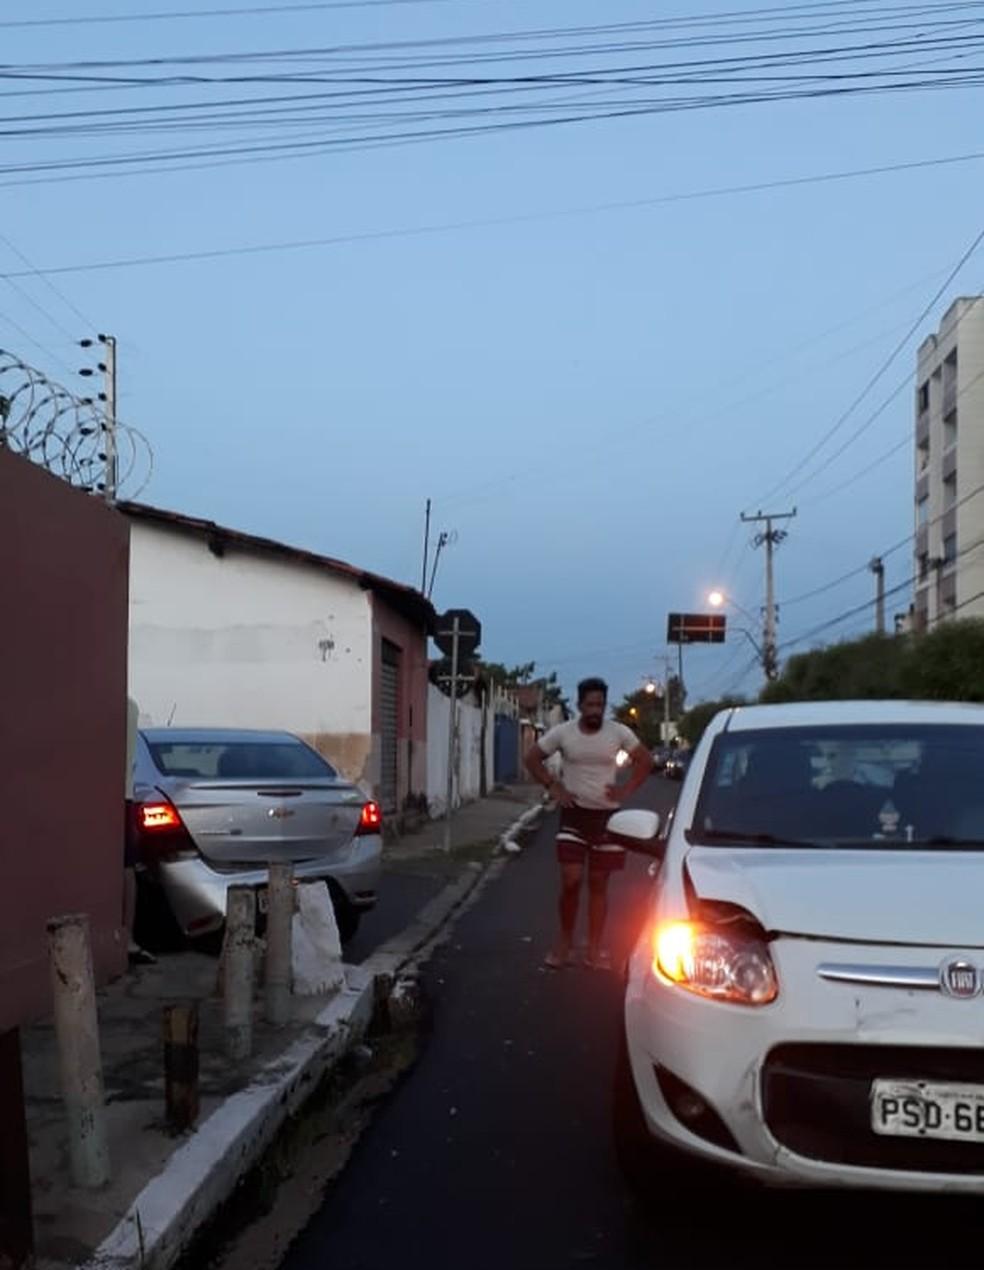 Colisão envolvendo dois carros no domingo (10) em cruzamento na Zona Leste de Teresina — Foto: Nunci Santos